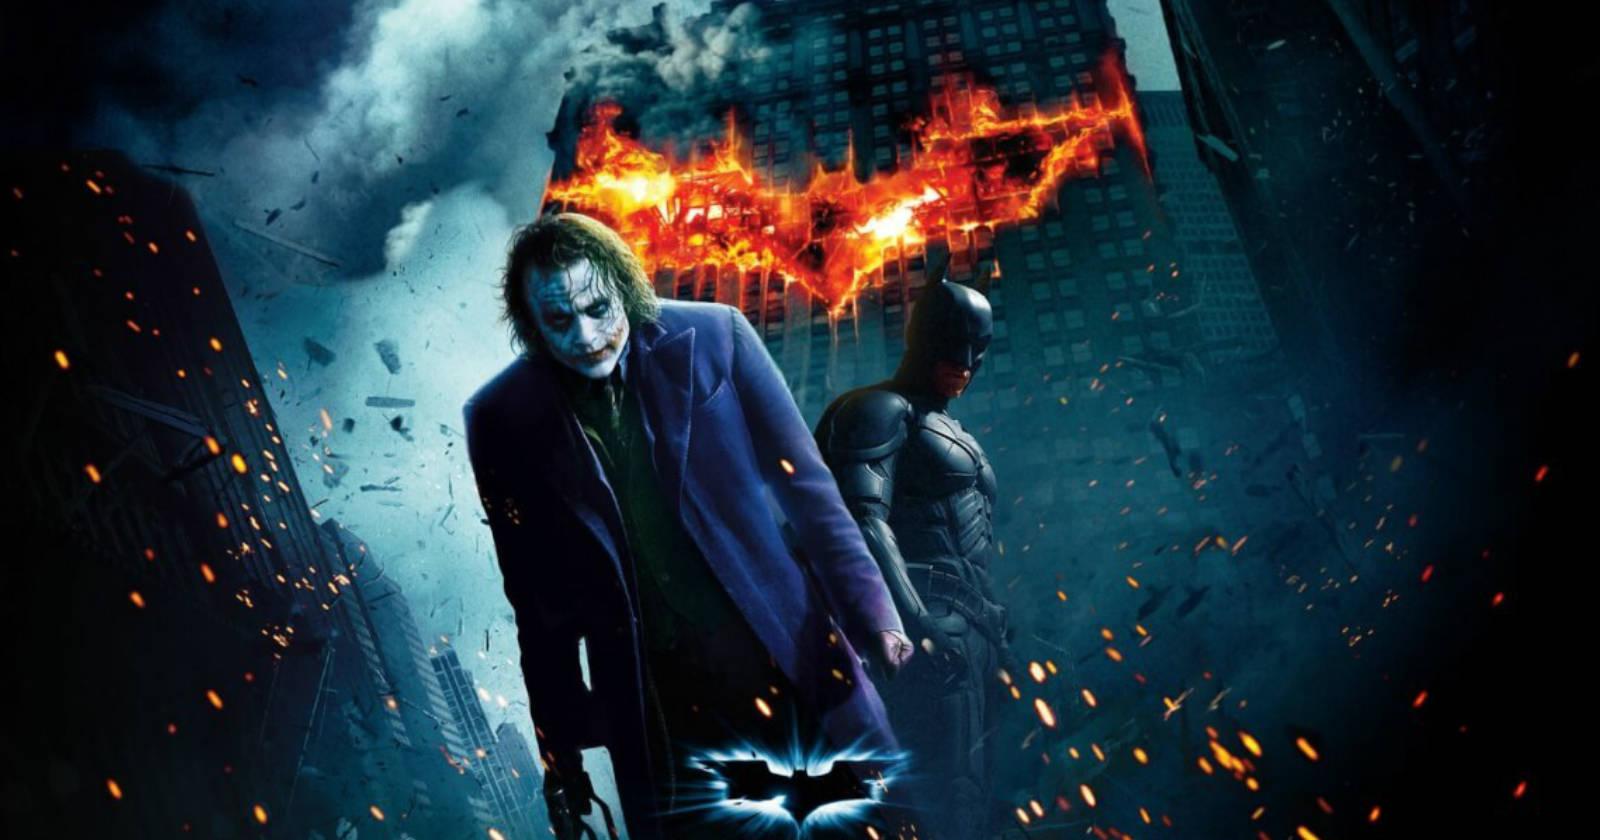 El Caballero de la Noche de Christopher Nolan ya aterrizó en Netflix